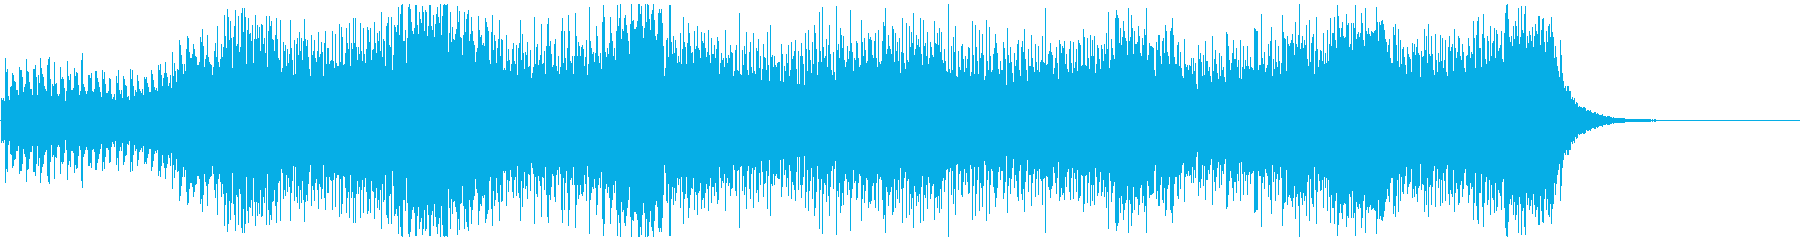 宇宙・未来的なエレクトロ 映像向けの再生済みの波形